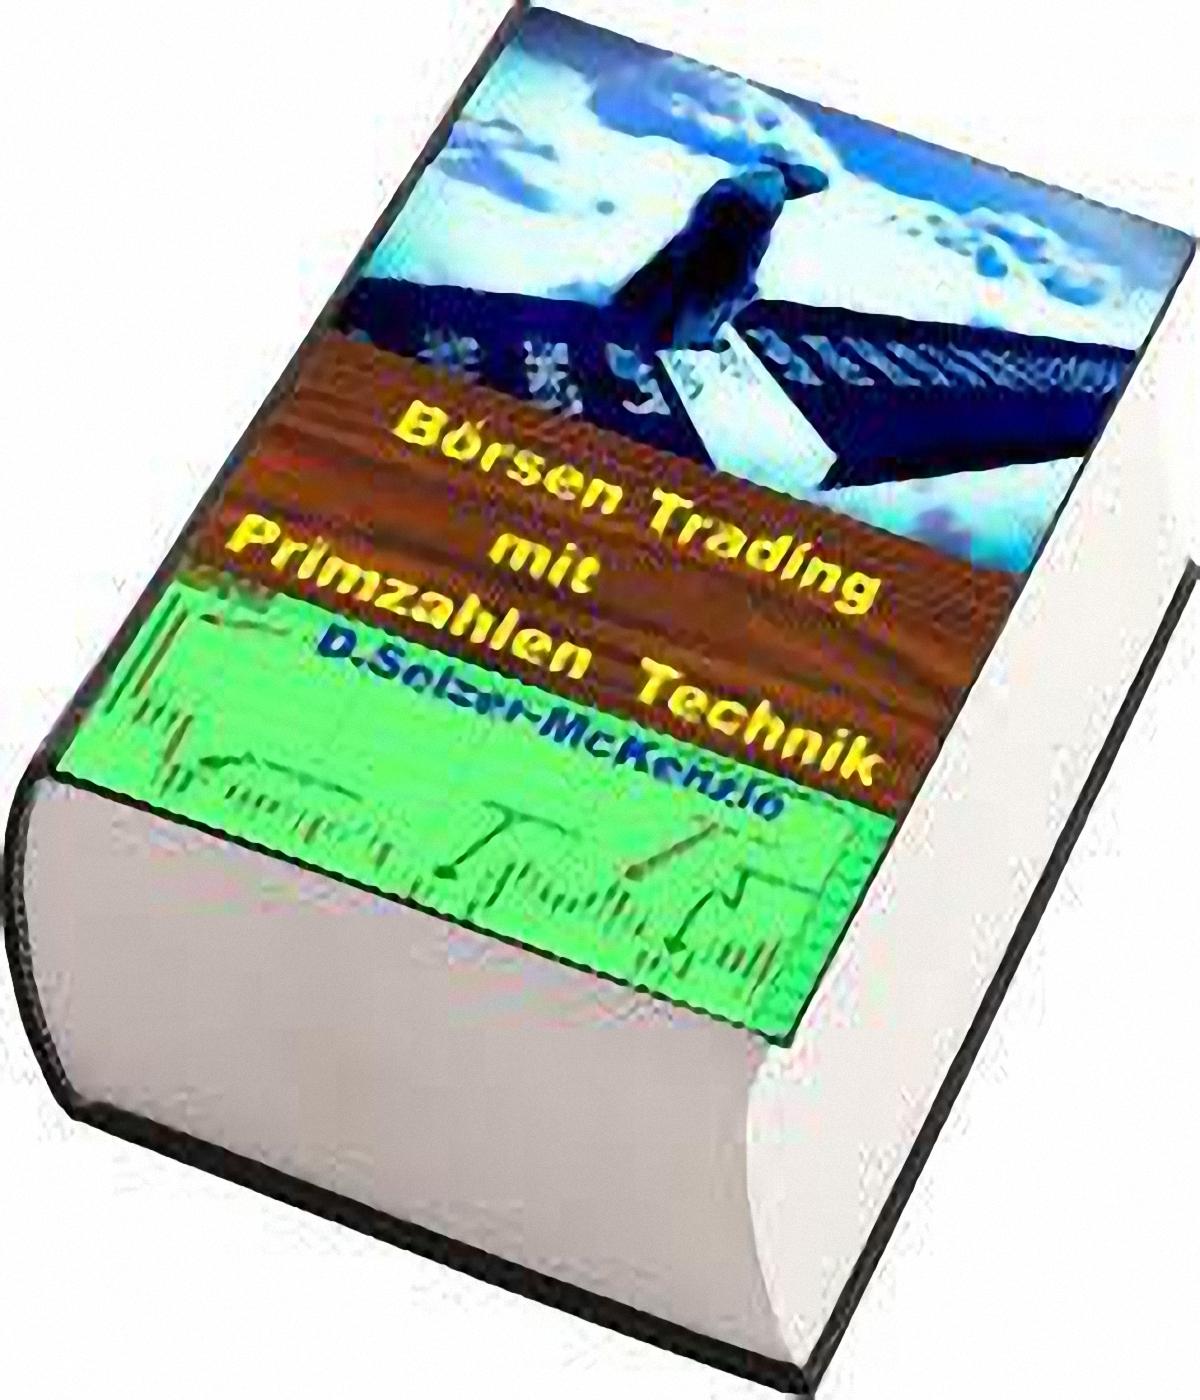 börsen trading